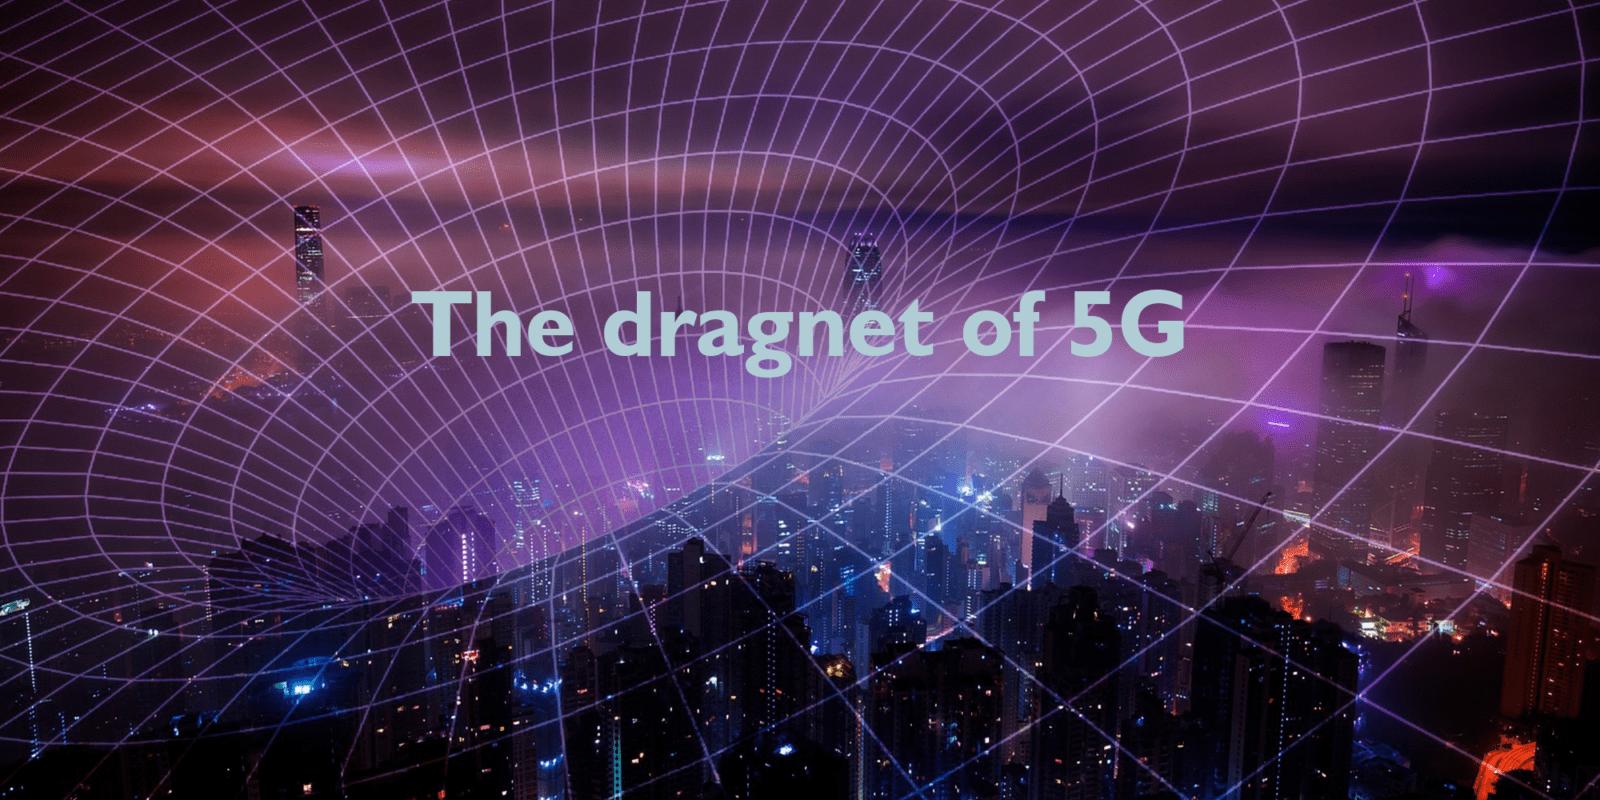 The dragnet of 5G